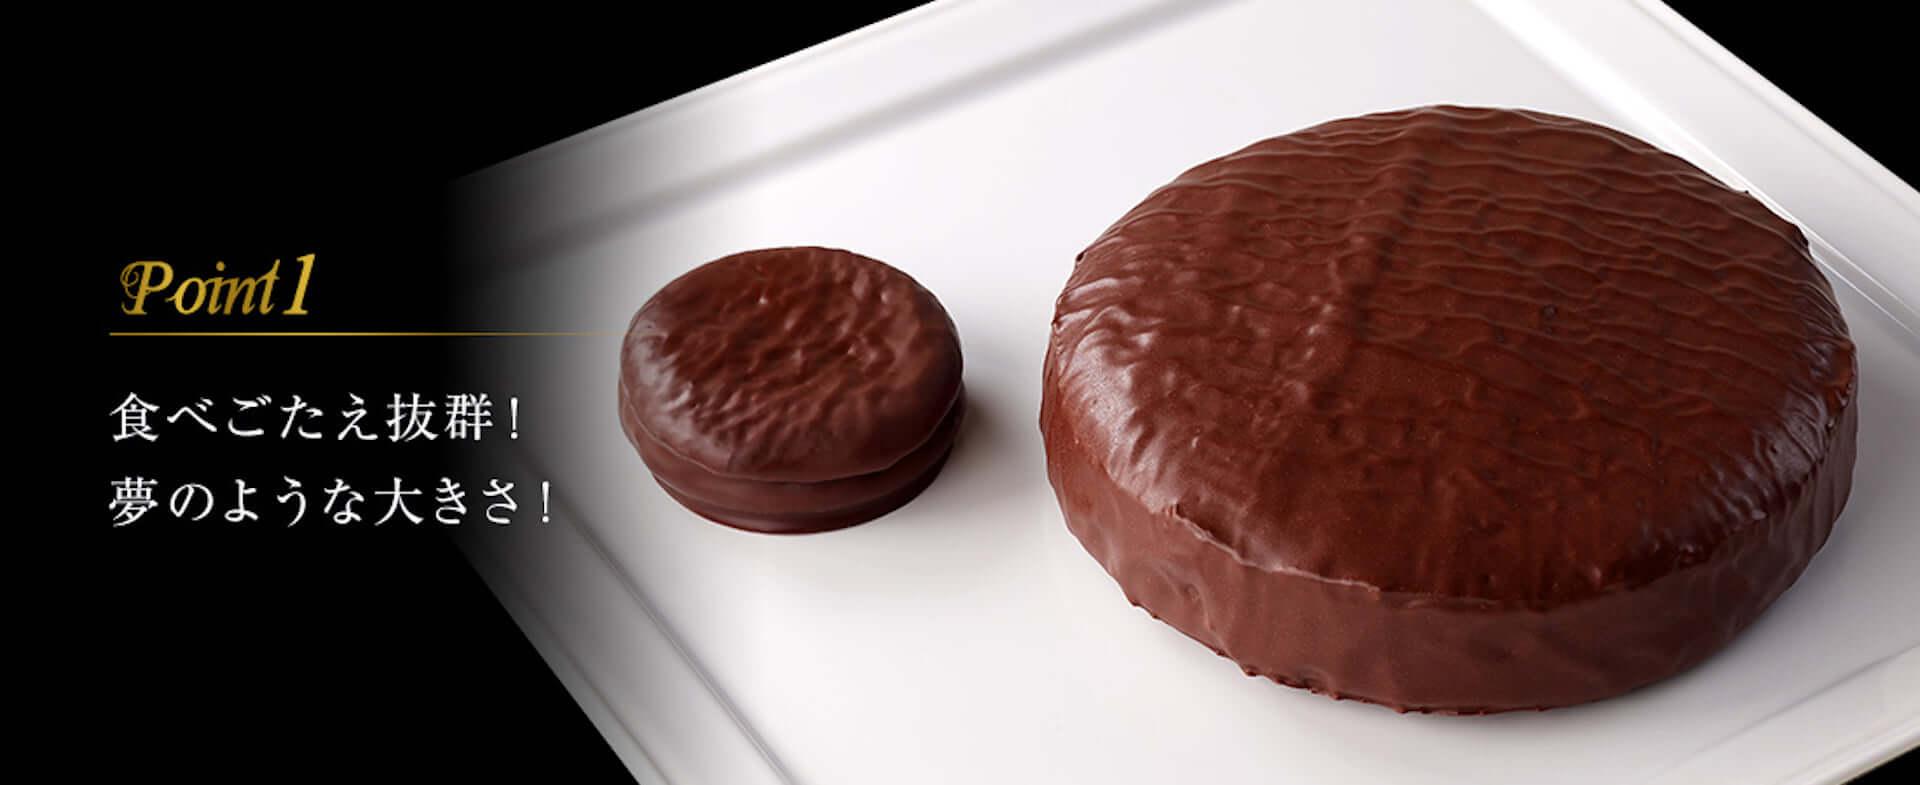 ロッテから「冬のチョコパイ」史上最重量のホールケーキが登場!1,000個限定の新商品『スペシャリテ』が発売決定 gourmet201117_chocopie_6-1920x785